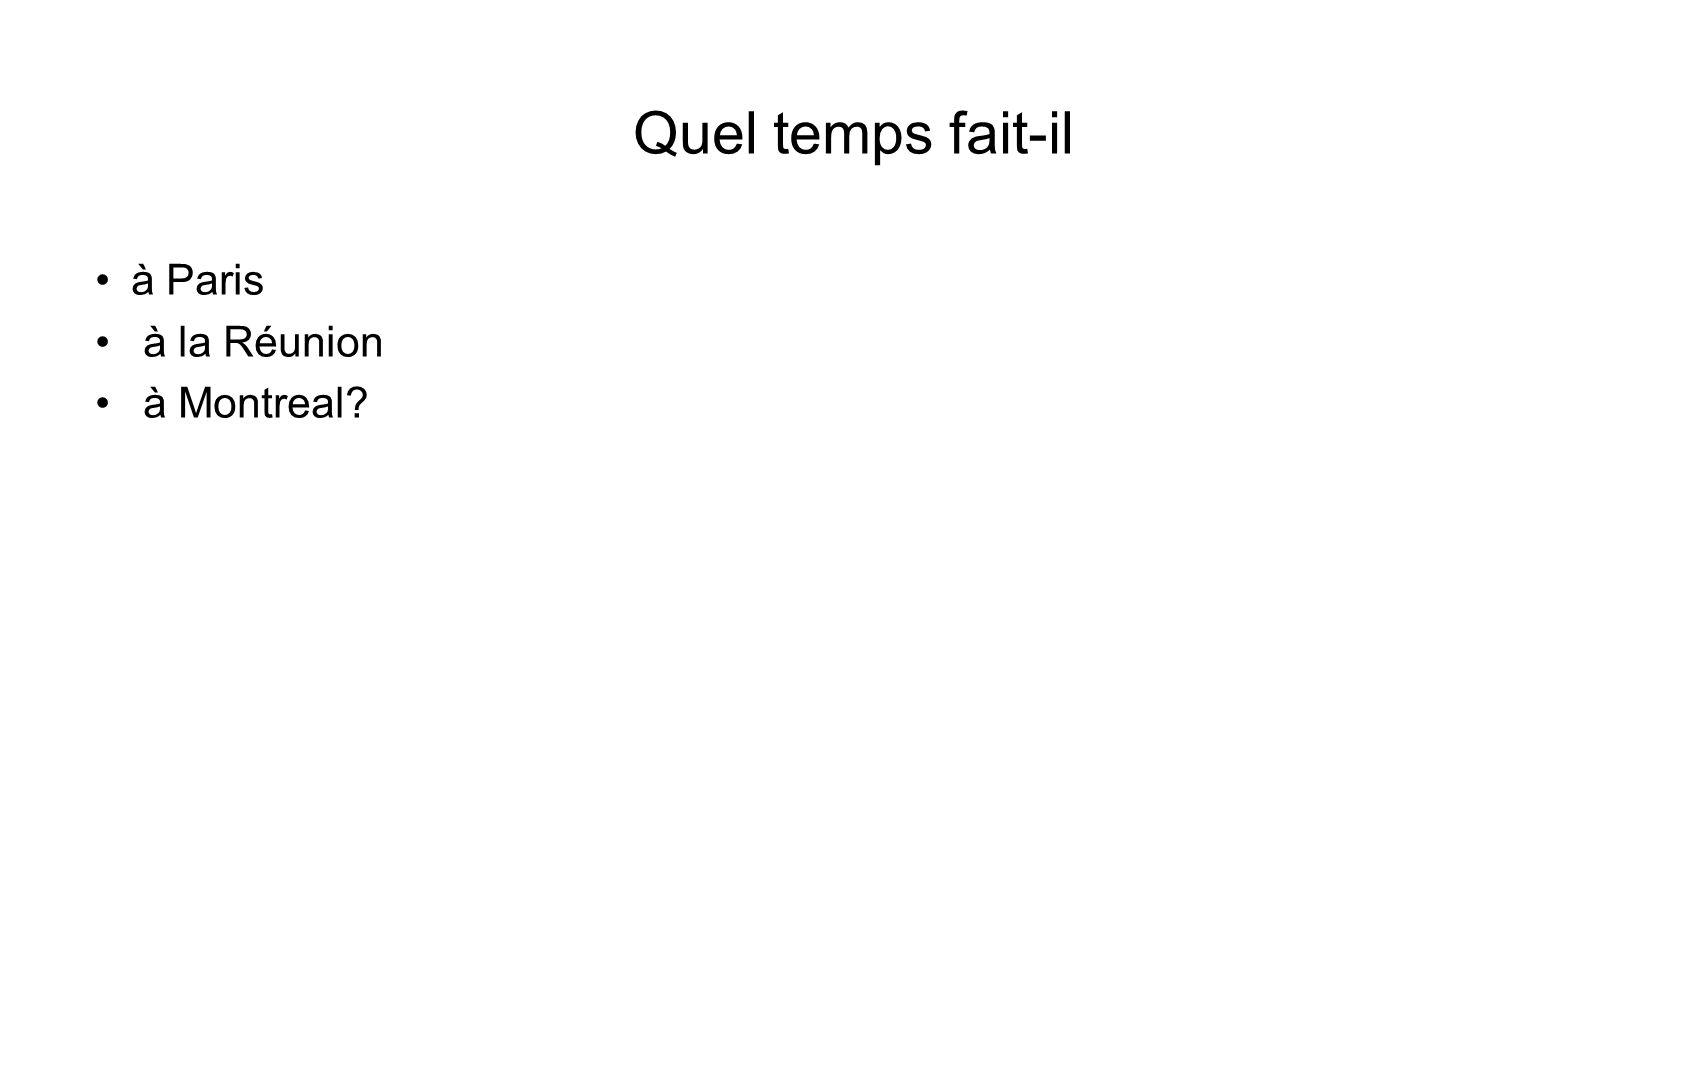 Quel temps fait-il à Paris à la Réunion à Montreal